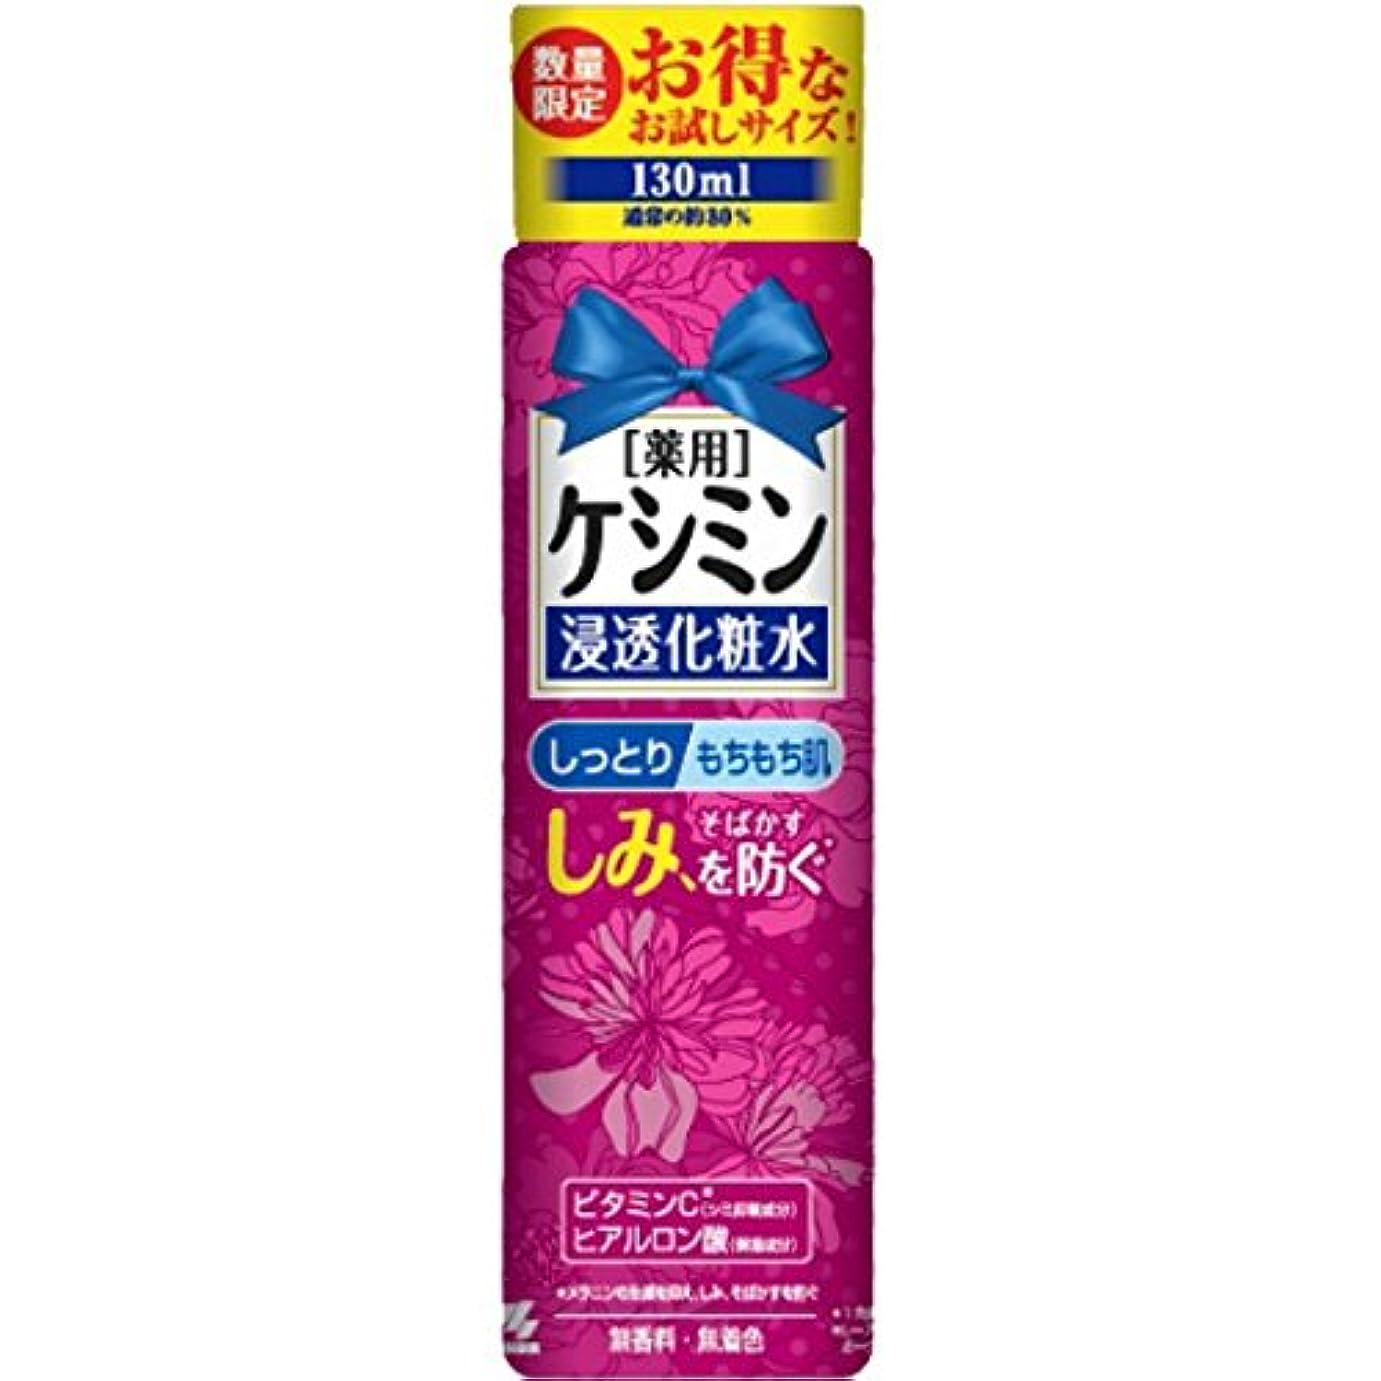 賢い氏インシュレータケシミン液 しっとり化粧水 お試しサイズ 本体130mL